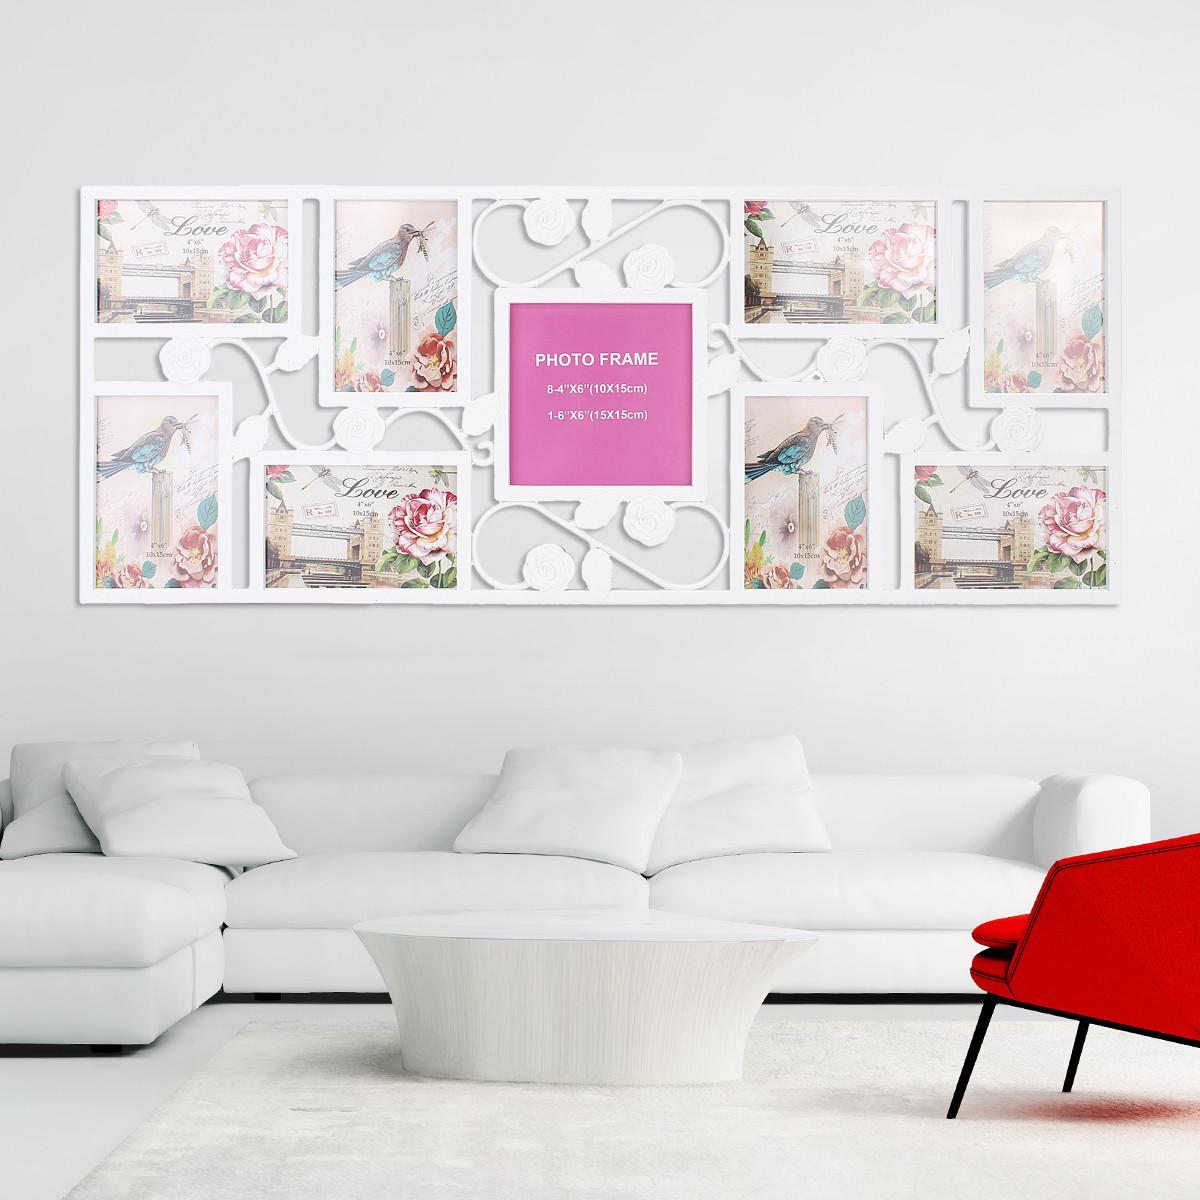 9 изображений Фото Family Picture Collage Дисплей Декорация стен Свадебное Подарочная висячая рамка - ➊TopShop ➠ Товары из Китая с бесплатной доставкой в Украину! в Днепре